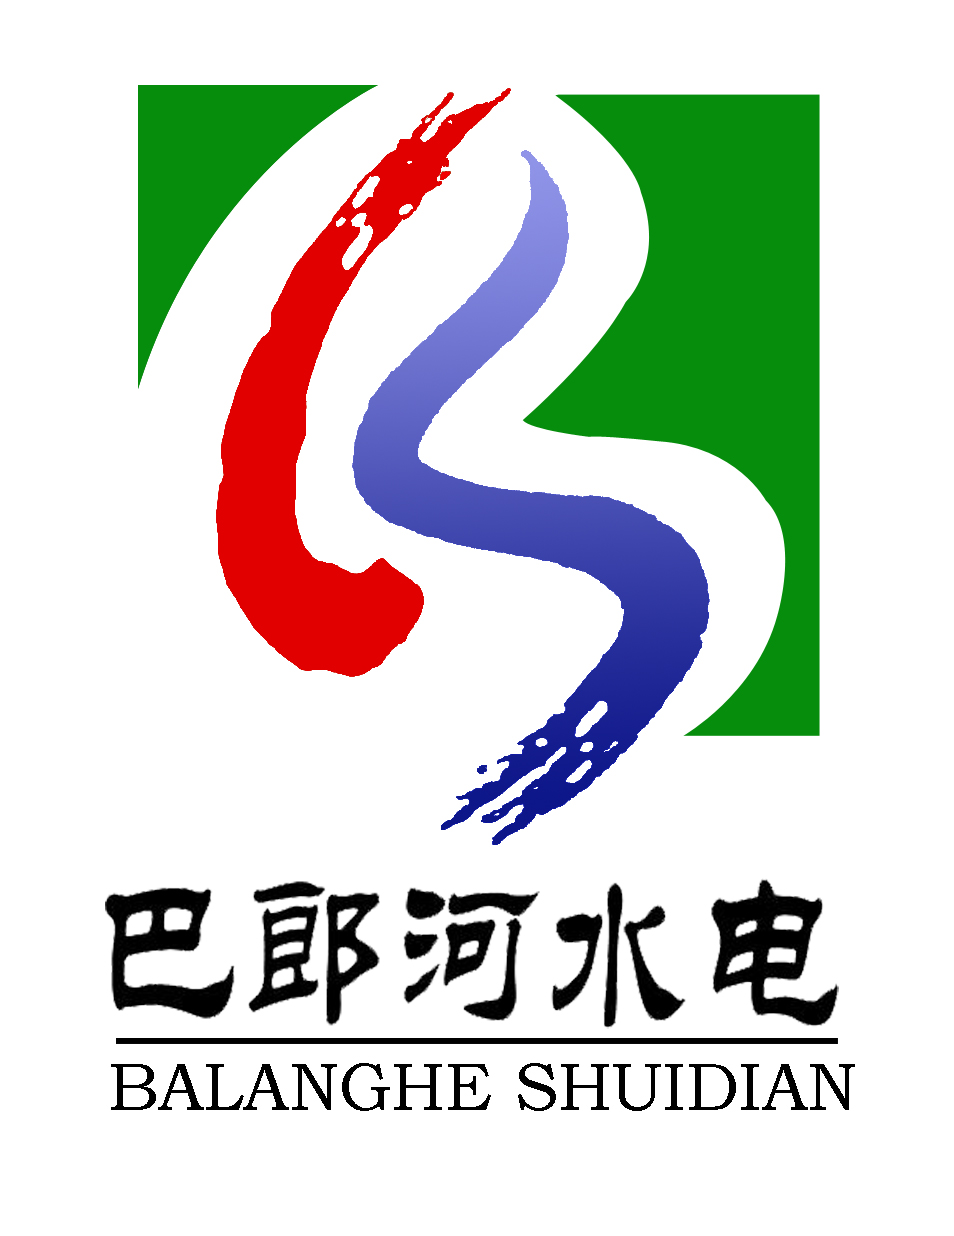 四川巴郎河水电开发有限公司